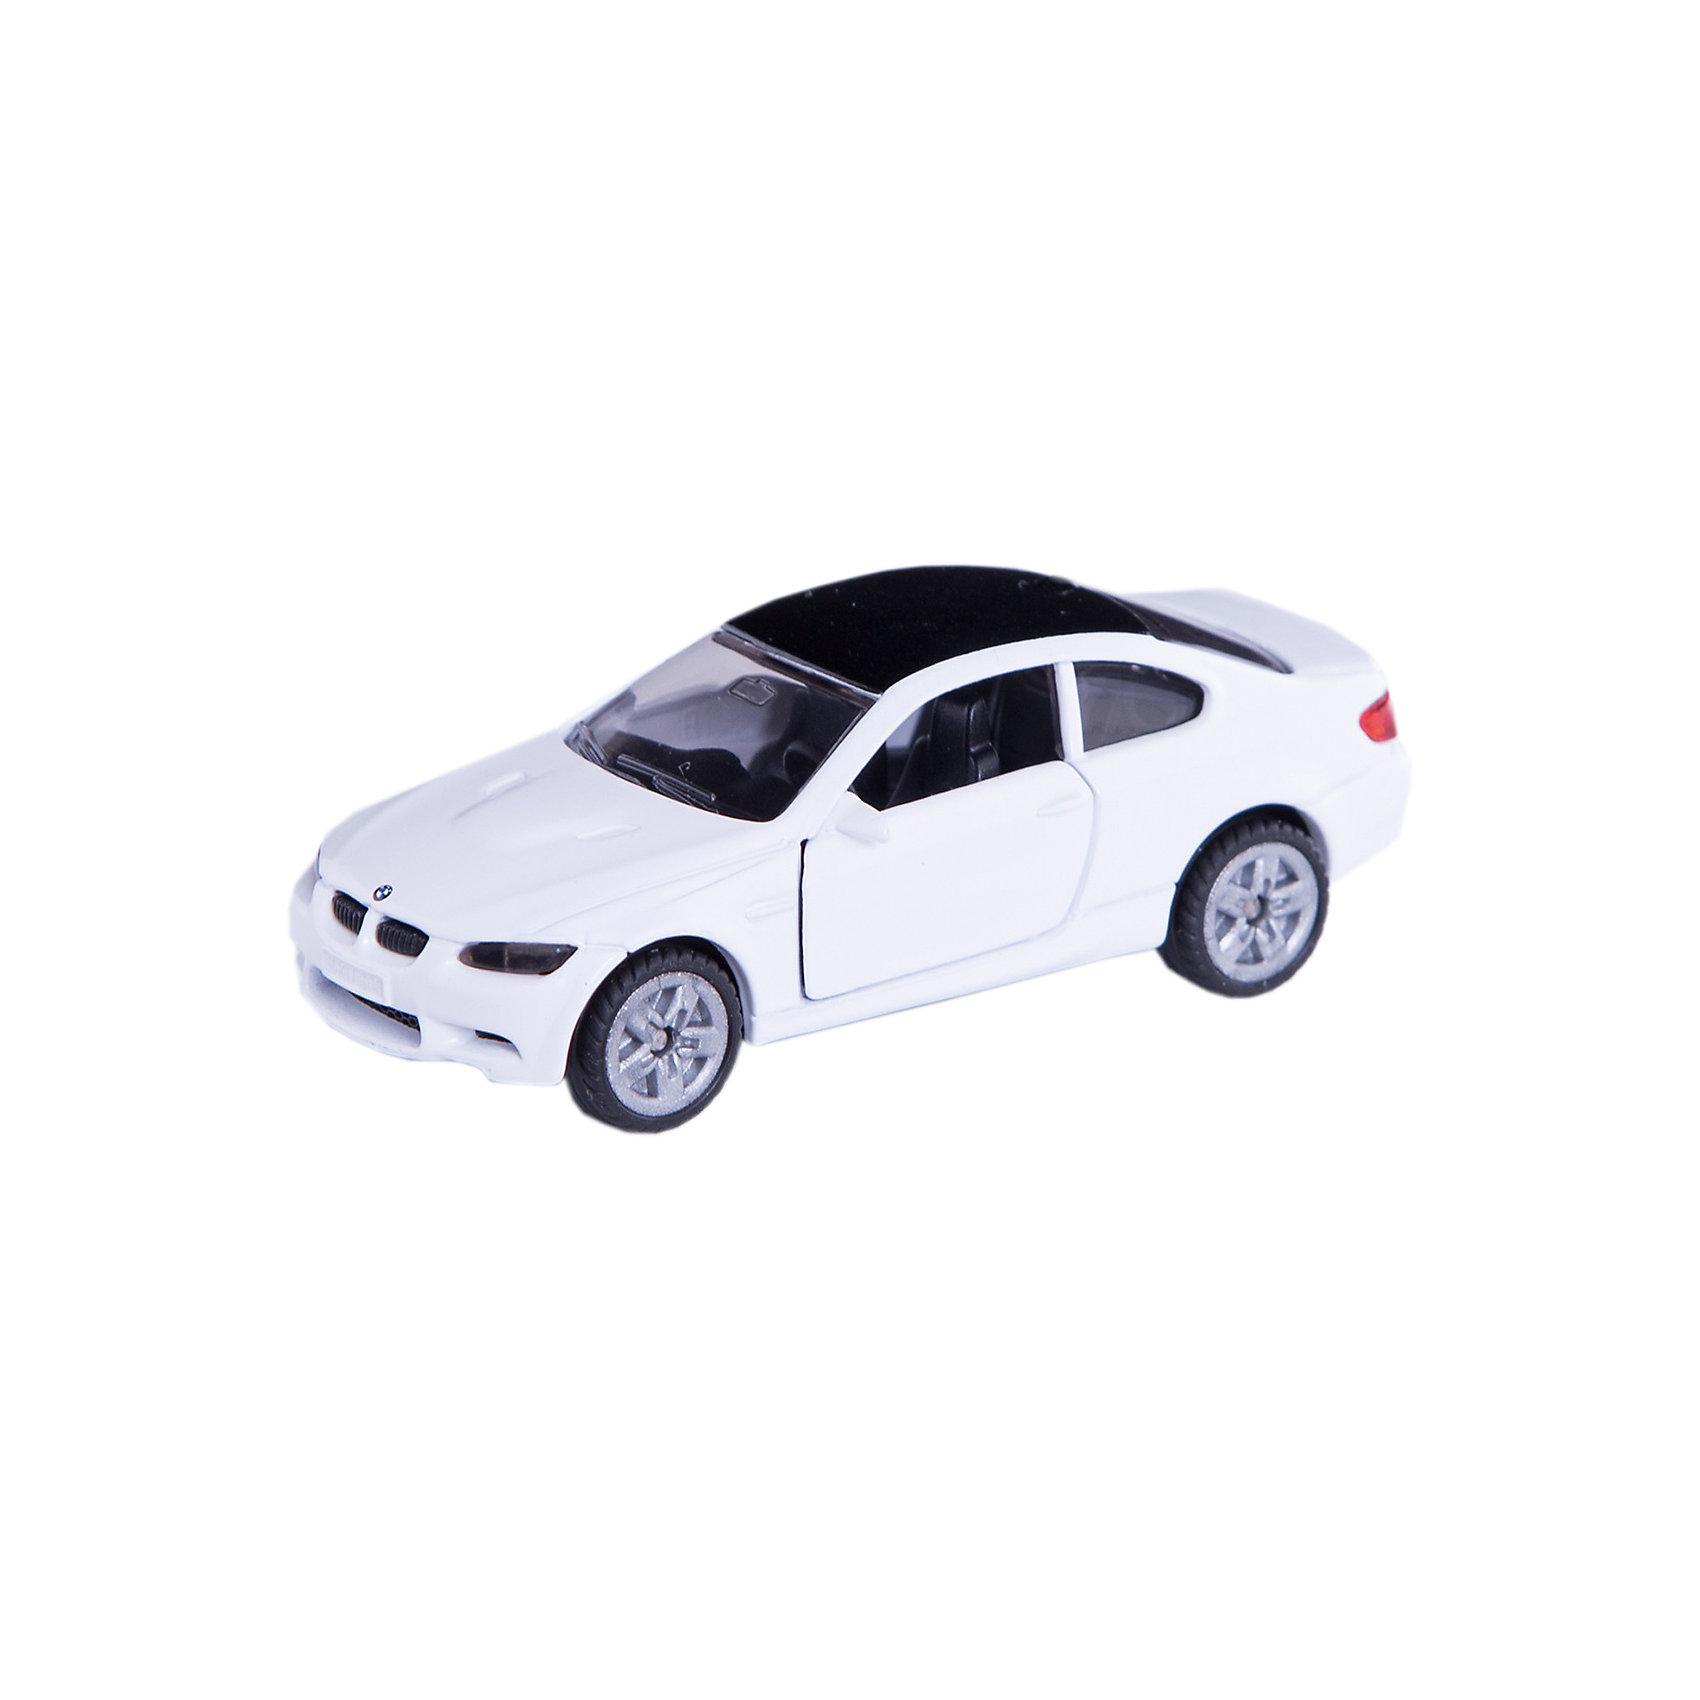 SIKU 1450 Машина BMW M3 купеКоллекционные модели<br>Машина BMW M3 купе, Siku, станет замечательным подарком для автолюбителей всех возрастов. Модель представляет из себя реалистичную копию популярного спорткара BMW M3 и отличается высокой степенью детализации и тщательной проработкой всех элементов. Машина оснащена прозрачными лобовыми стеклами, в салоне можно увидеть сиденья и руль, двери открываются. Колеса вращаются, широкие шины оборудованы спортивными колесными дисками. Корпус модели выполнен из металла, детали изготовлены из ударопрочной пластмассы.<br><br>Дополнительная информация:<br><br>- Материал: металл, пластик.<br>- Масштаб: 1:55.<br>- Размер машинки: 3,8 x 9,7 x 7,8 см.<br>- Размер упаковки: 10 x 8 x 3 см.<br>- Вес: 54 гр.<br><br>1450 Машину BMW M3 купе, Siku, можно купить в нашем интернет-магазине.<br><br>Ширина мм: 100<br>Глубина мм: 88<br>Высота мм: 35<br>Вес г: 57<br>Возраст от месяцев: 36<br>Возраст до месяцев: 96<br>Пол: Мужской<br>Возраст: Детский<br>SKU: 3550866